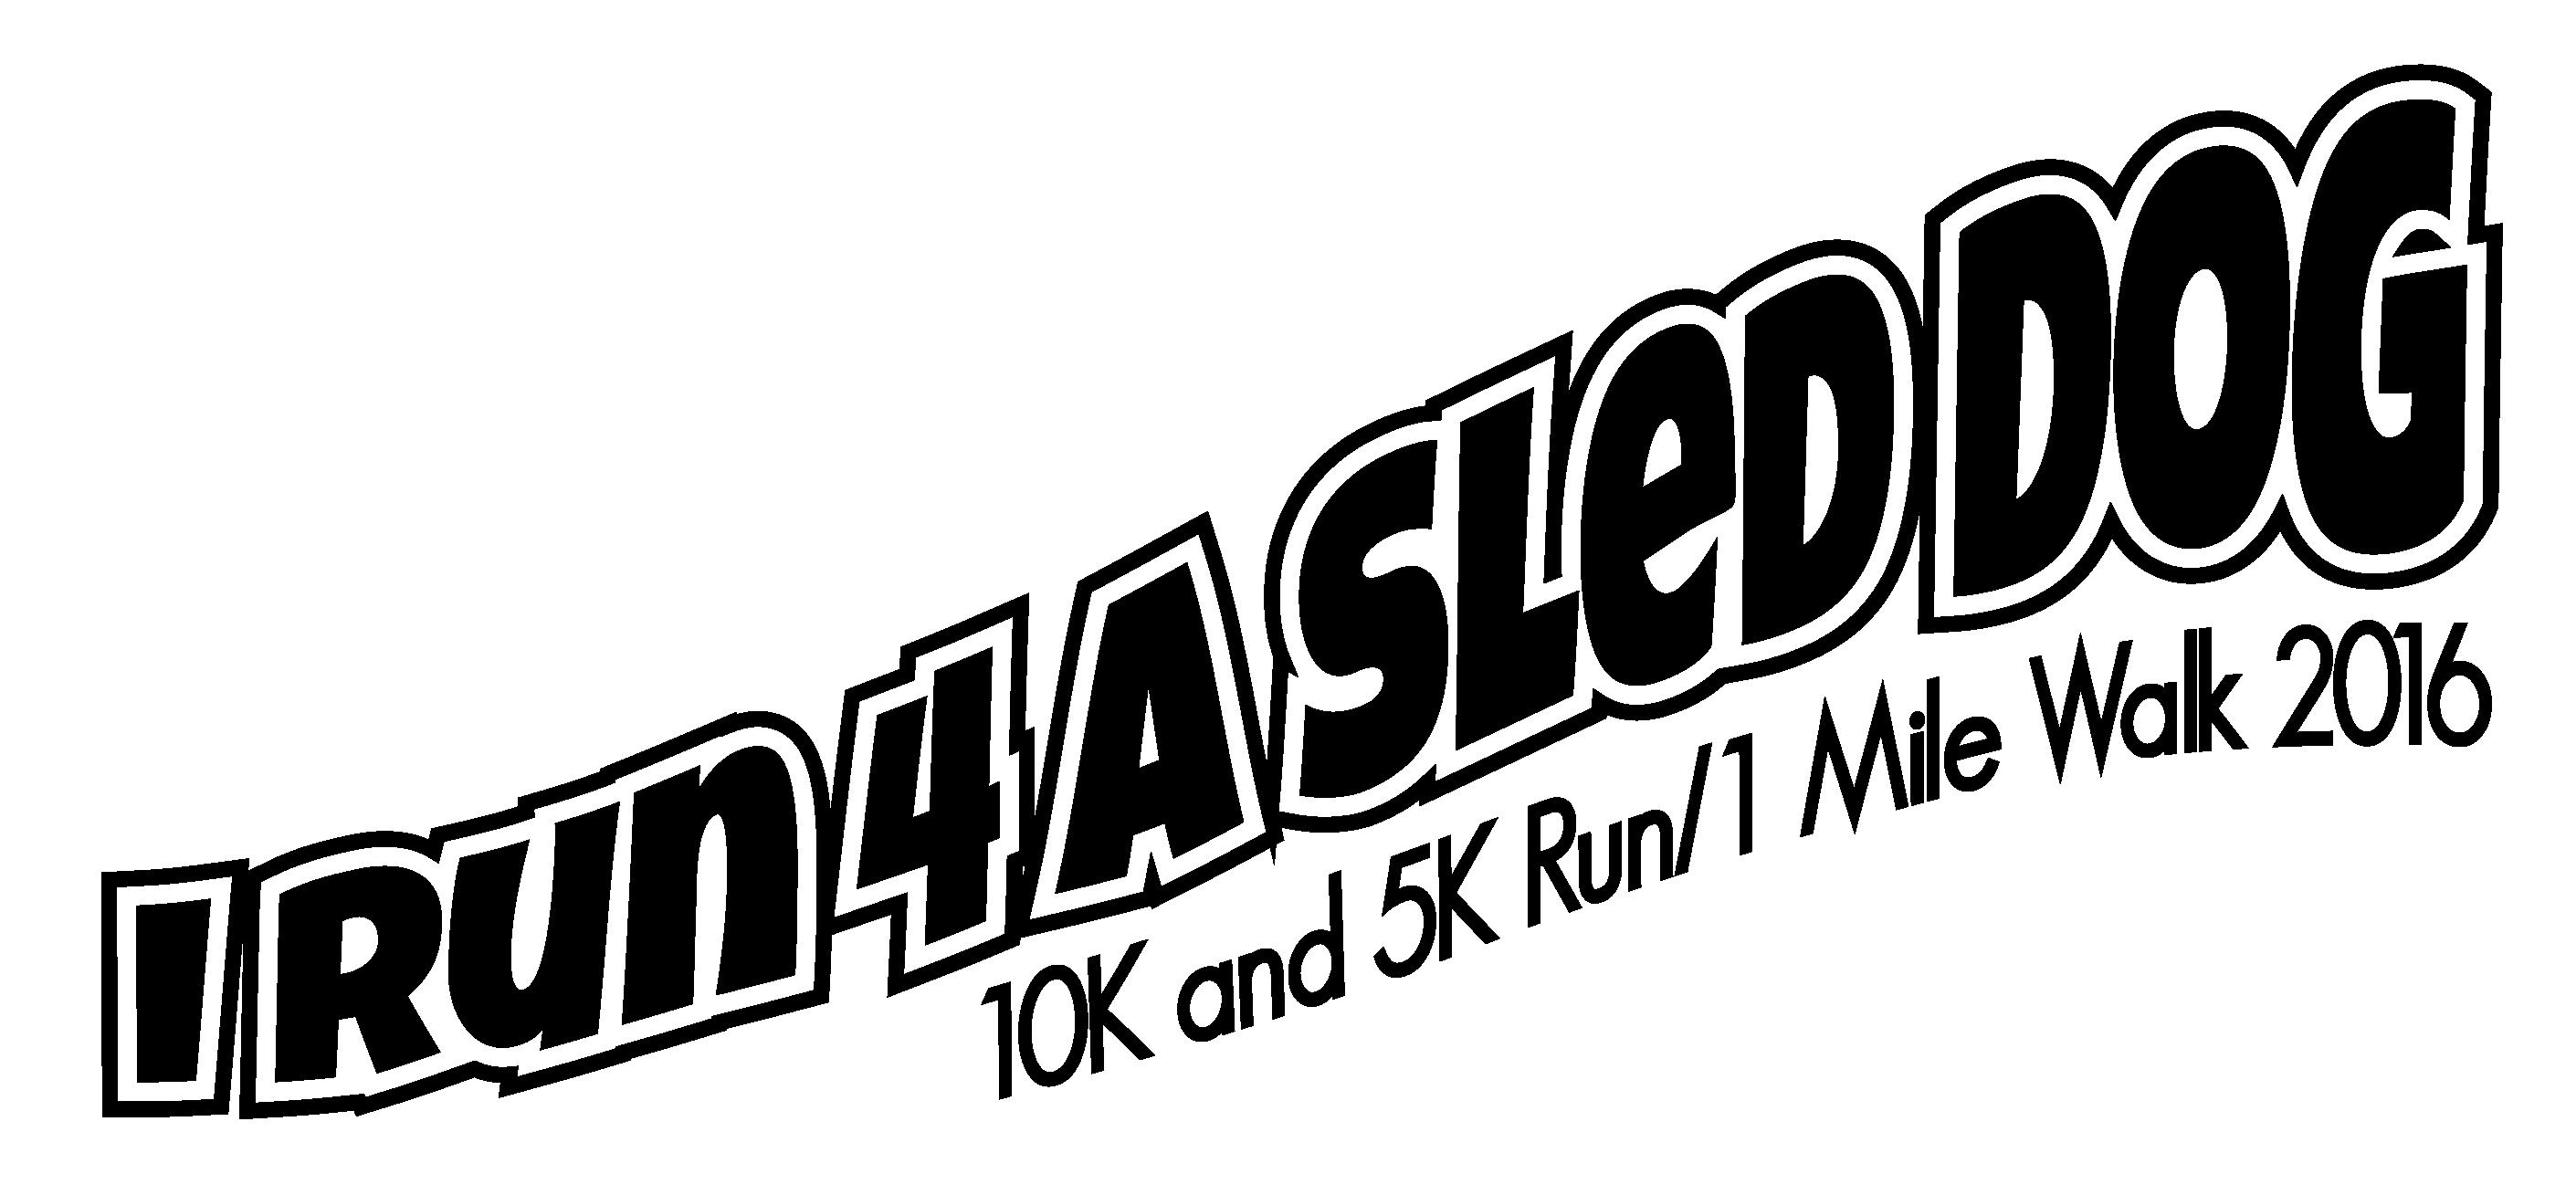 72b547cd-78b5-4a1b-8222-2c261df7b03c